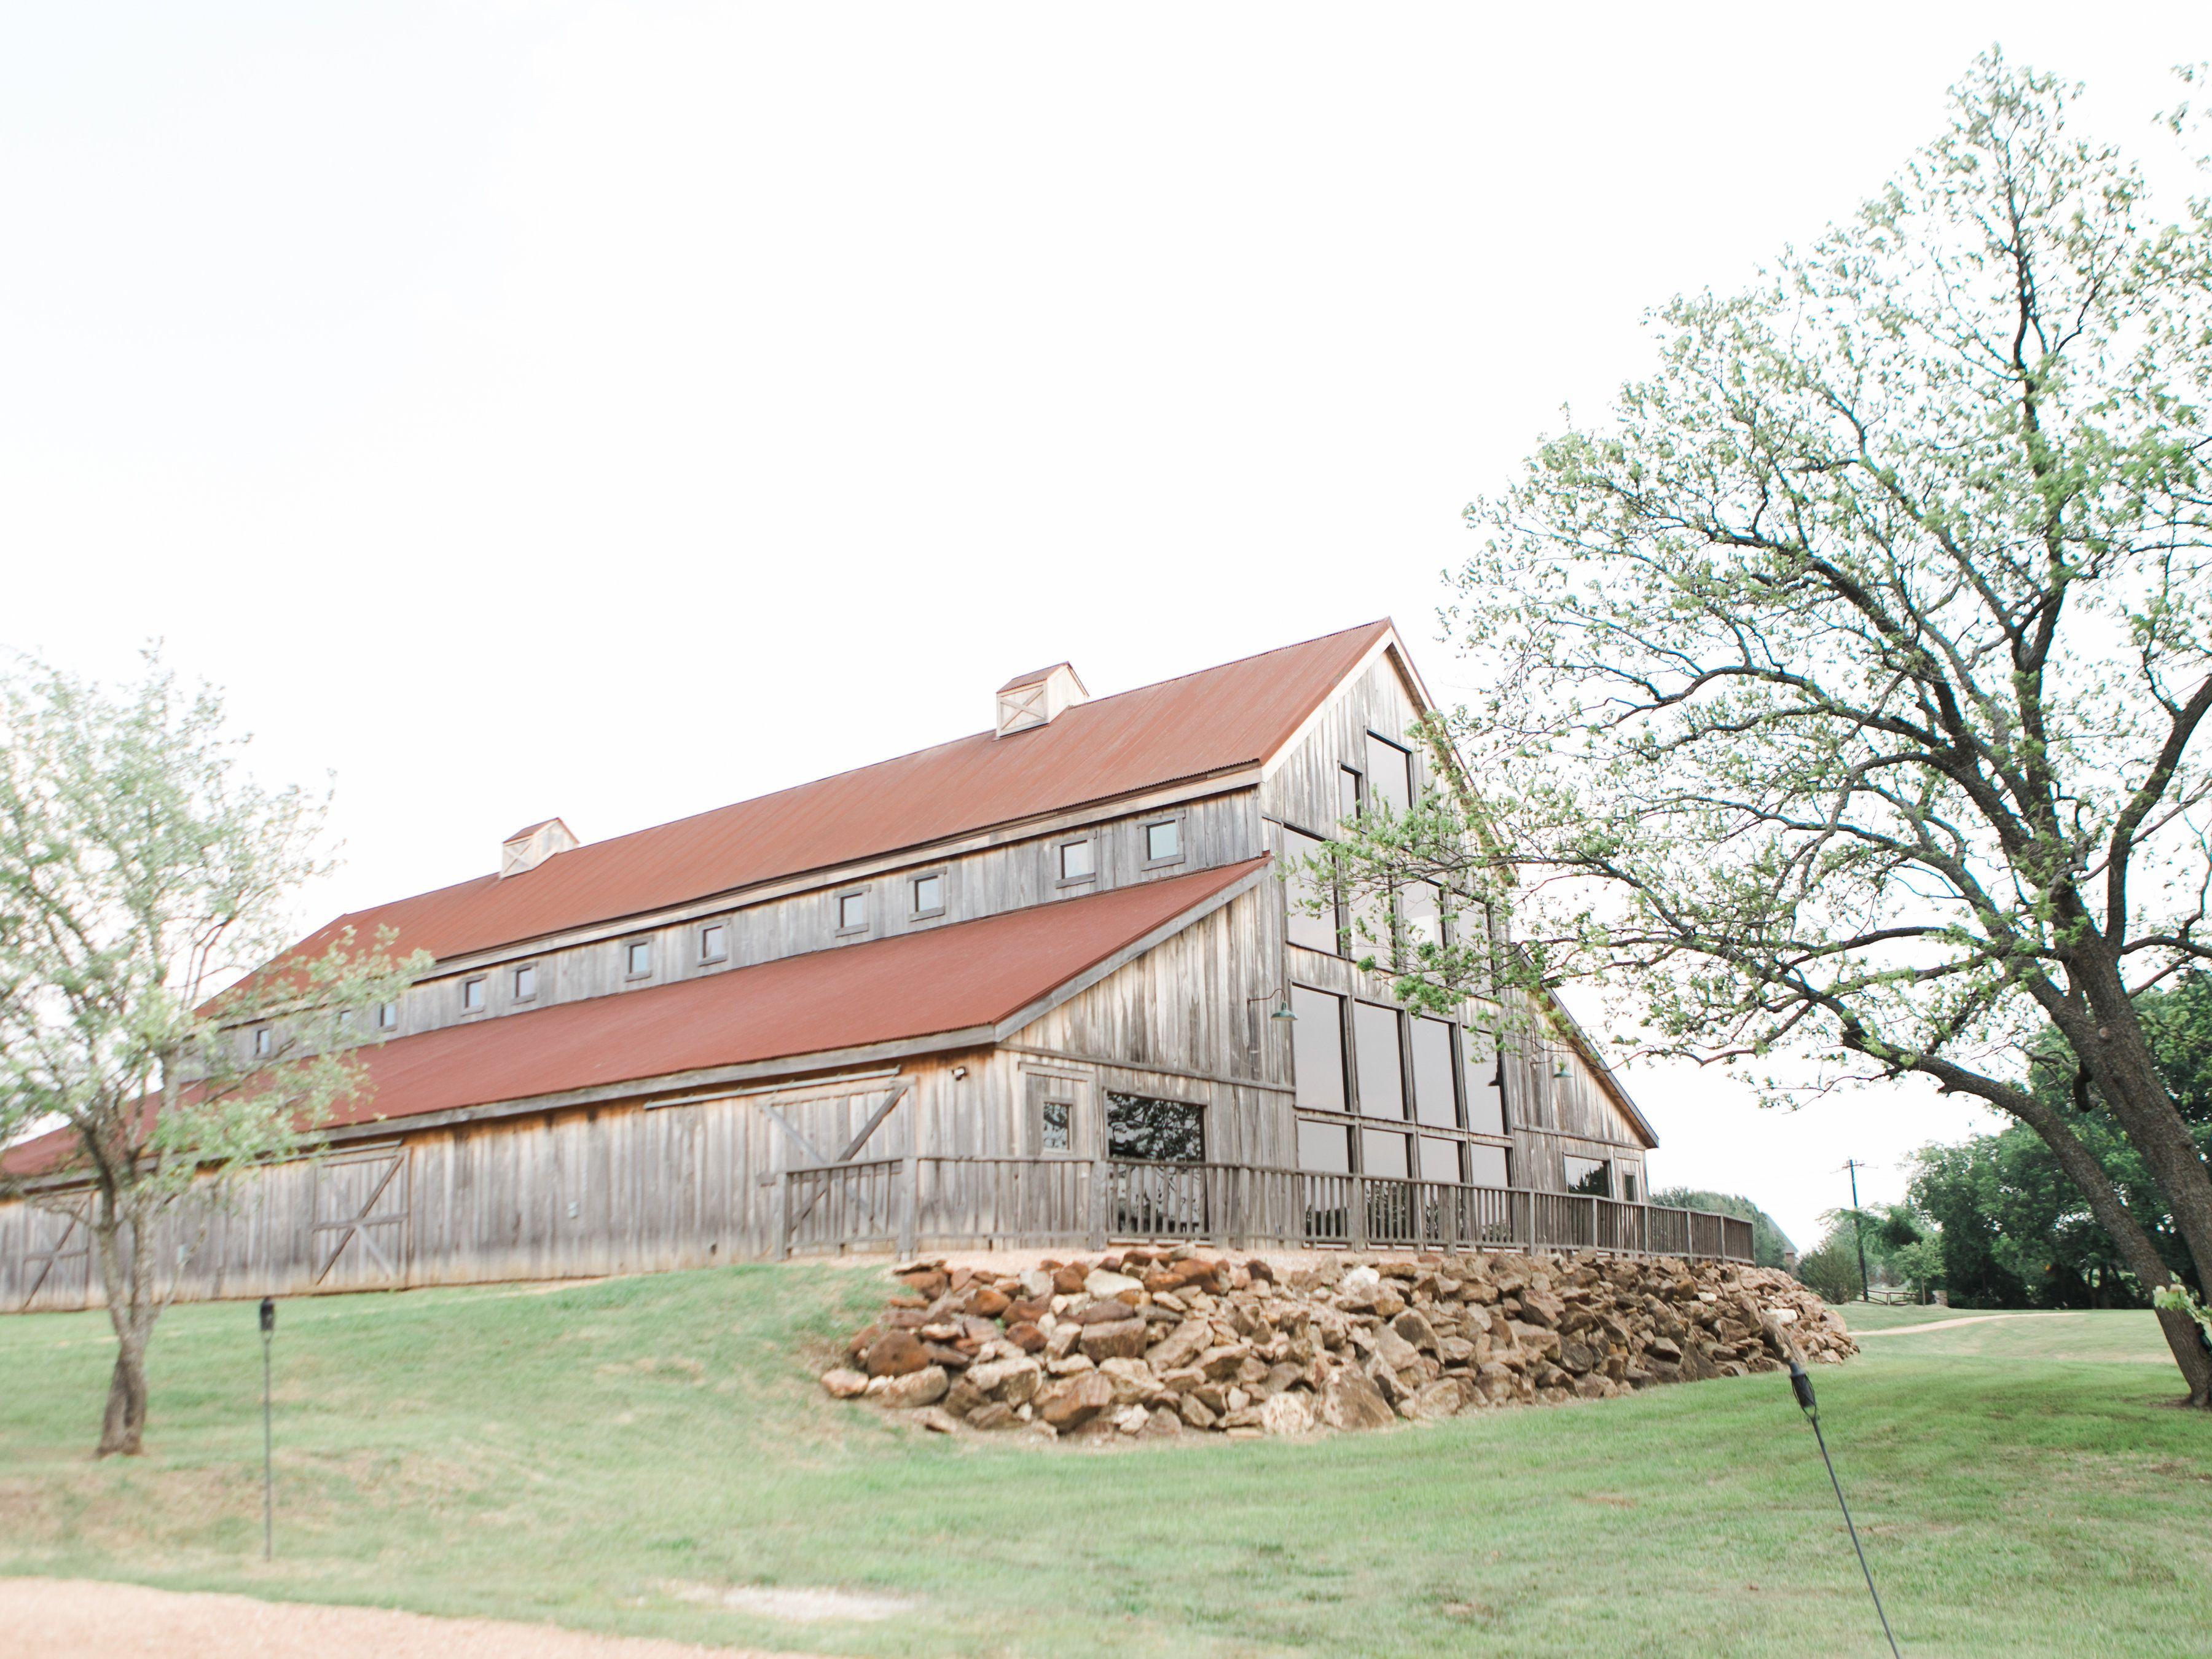 Wedding venue in north Dallas TX | Dfw wedding venues ...